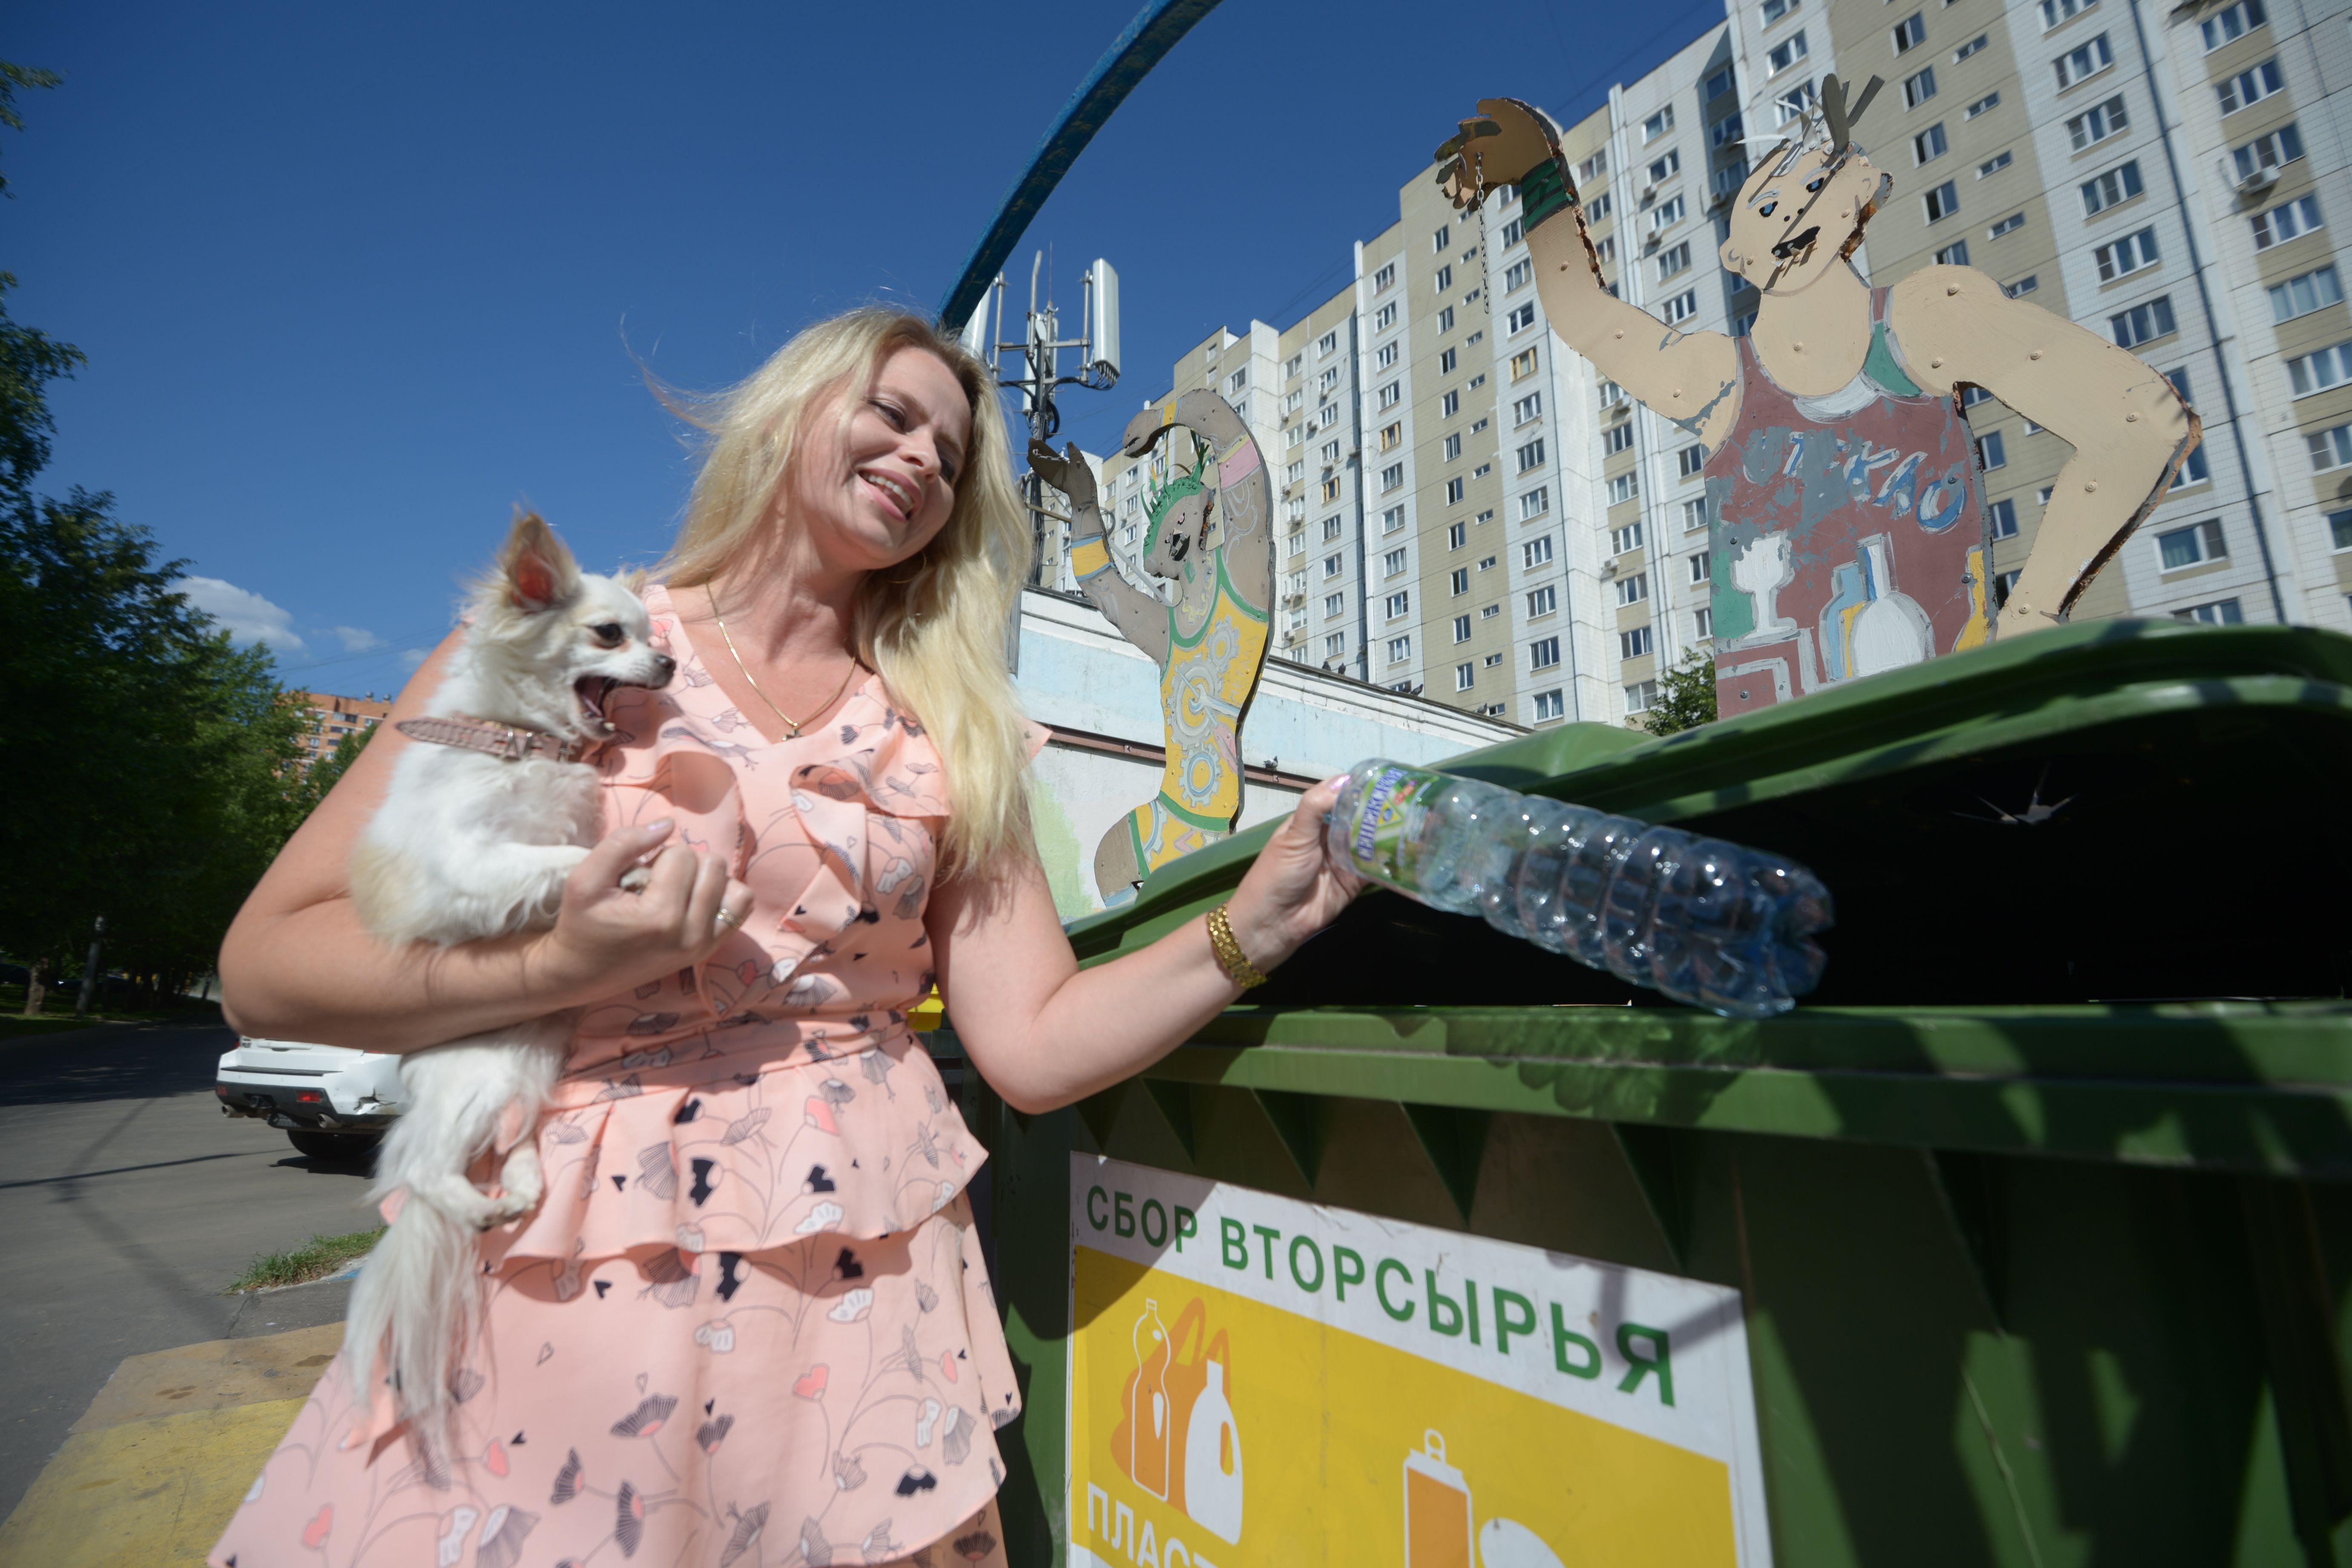 Новые мусорные баки появились в Москве